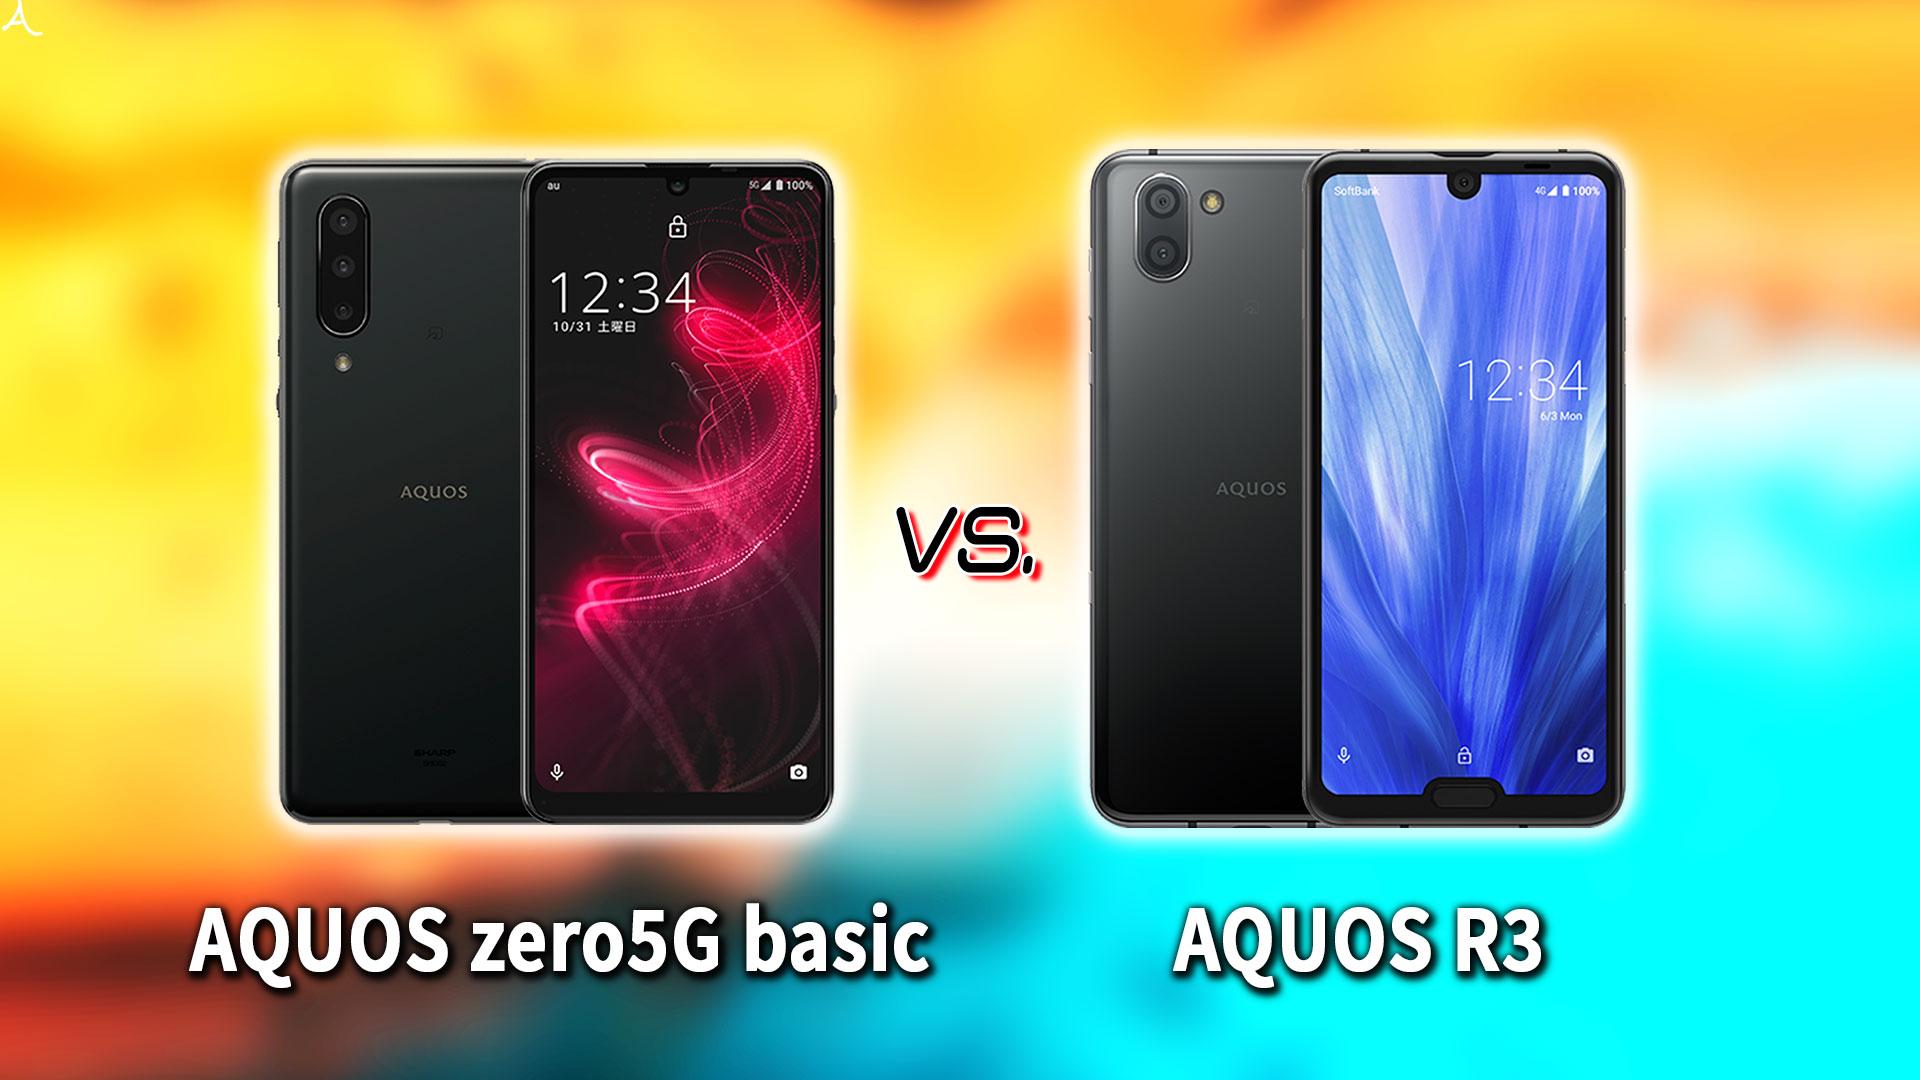 「AQUOS zero5G basic」と「AQUOS R3」の違いを比較:どっちを買う?